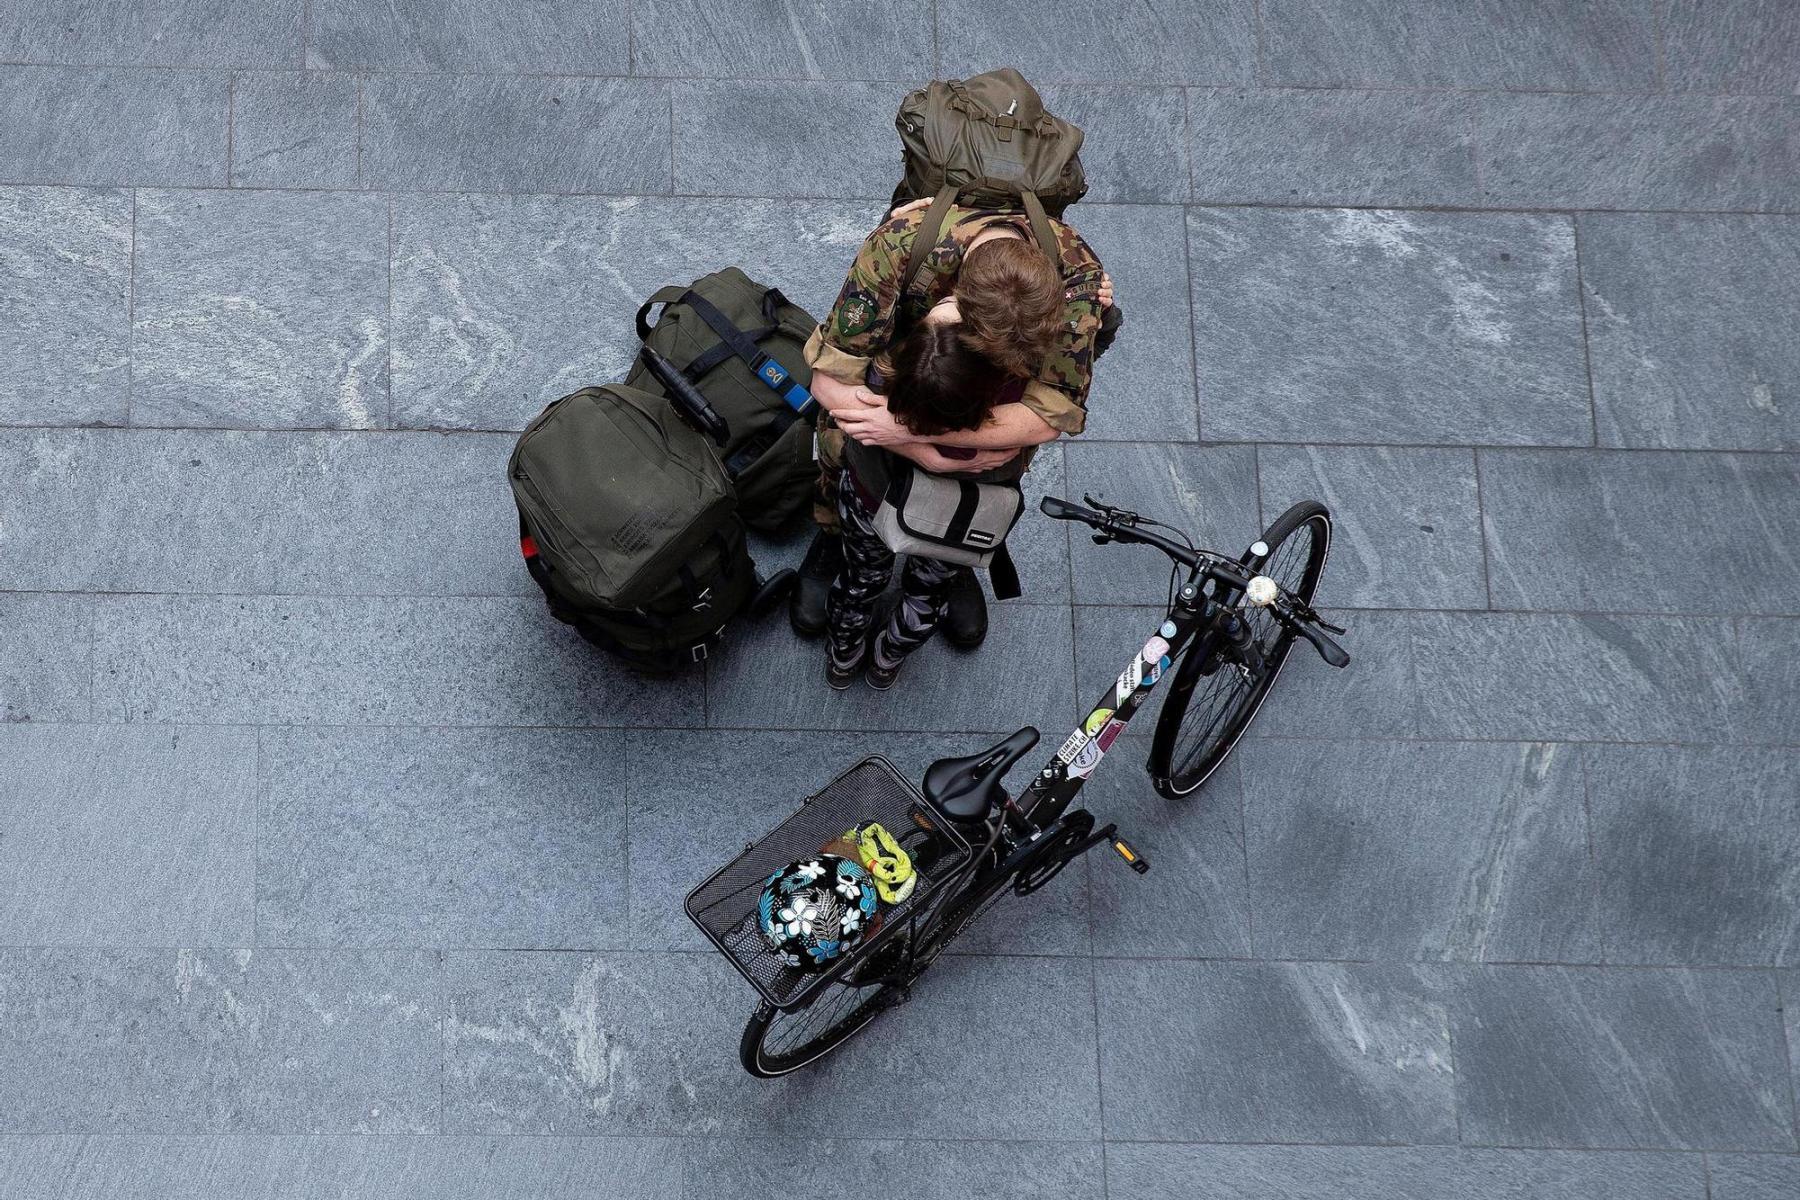 Ein Leutnant der Sanitätstruppen verabschiedet sich am 17.3.2020 im Bahnhof Bern auf unbestimmte Zeit. Niemand weiss, was kommt. Es sind Leute, welche aus ihrem vertrauten Umfeld gerissen wurden, ihr Umfeld vermissen und von ihrem Umfeld vermisst werden. Foto: Christian Pfander